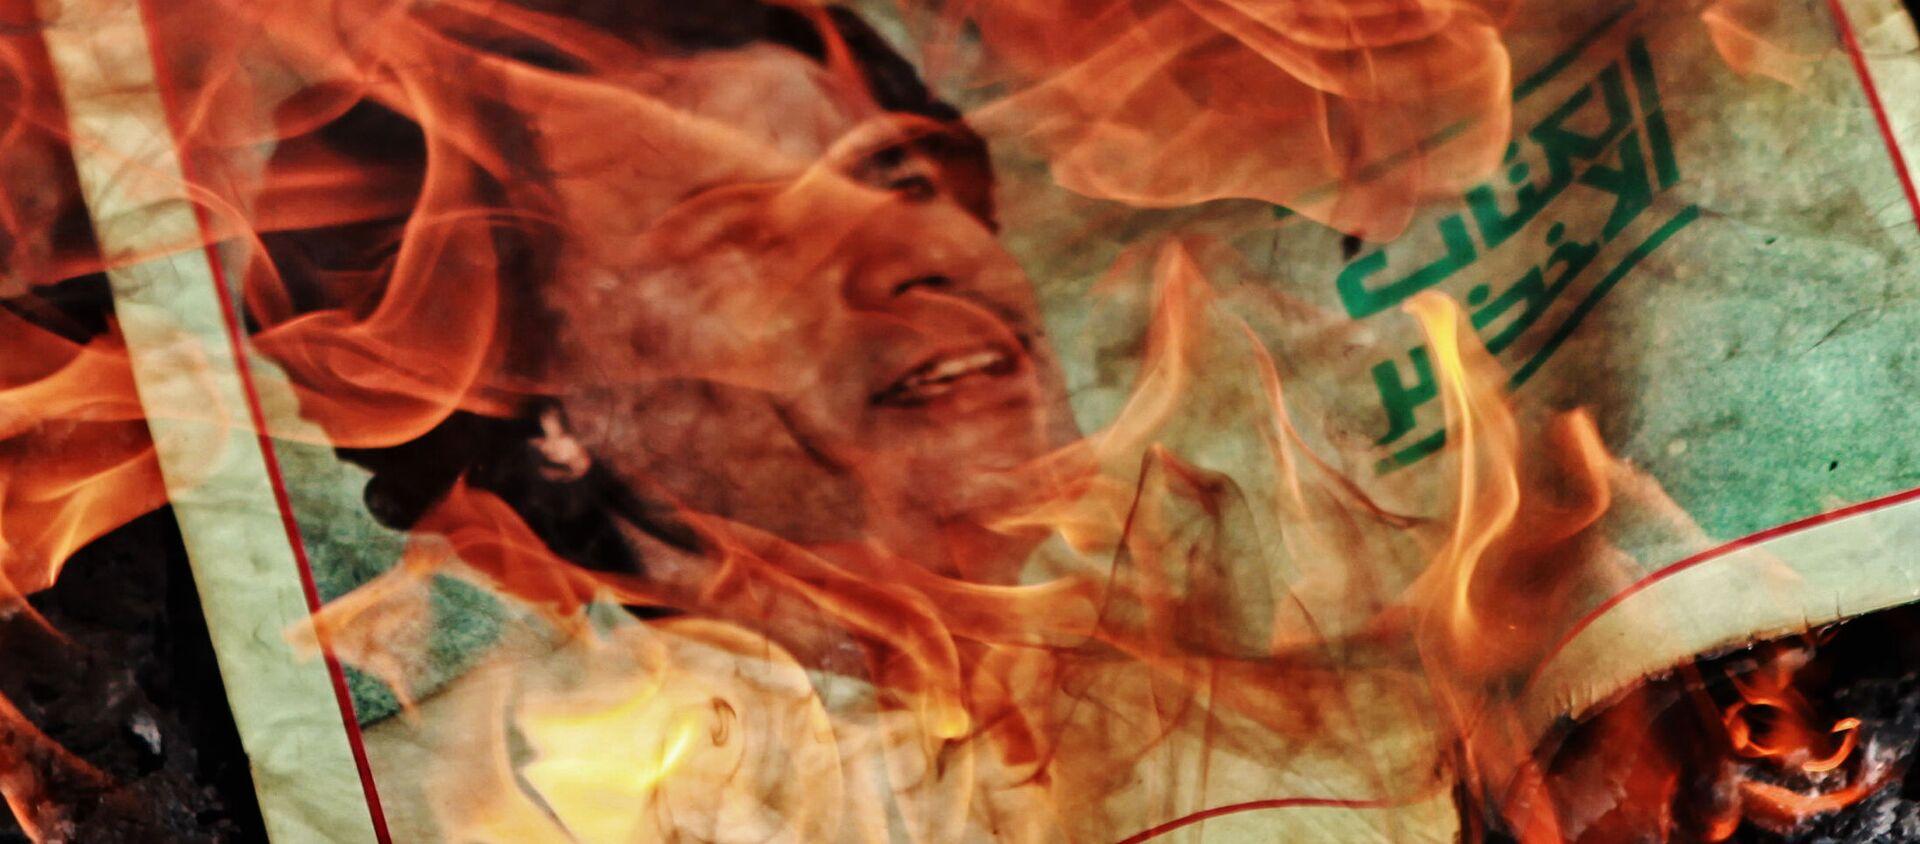 Portrait of Muammar Gaddafi on fire - Sputnik International, 1920, 15.02.2021